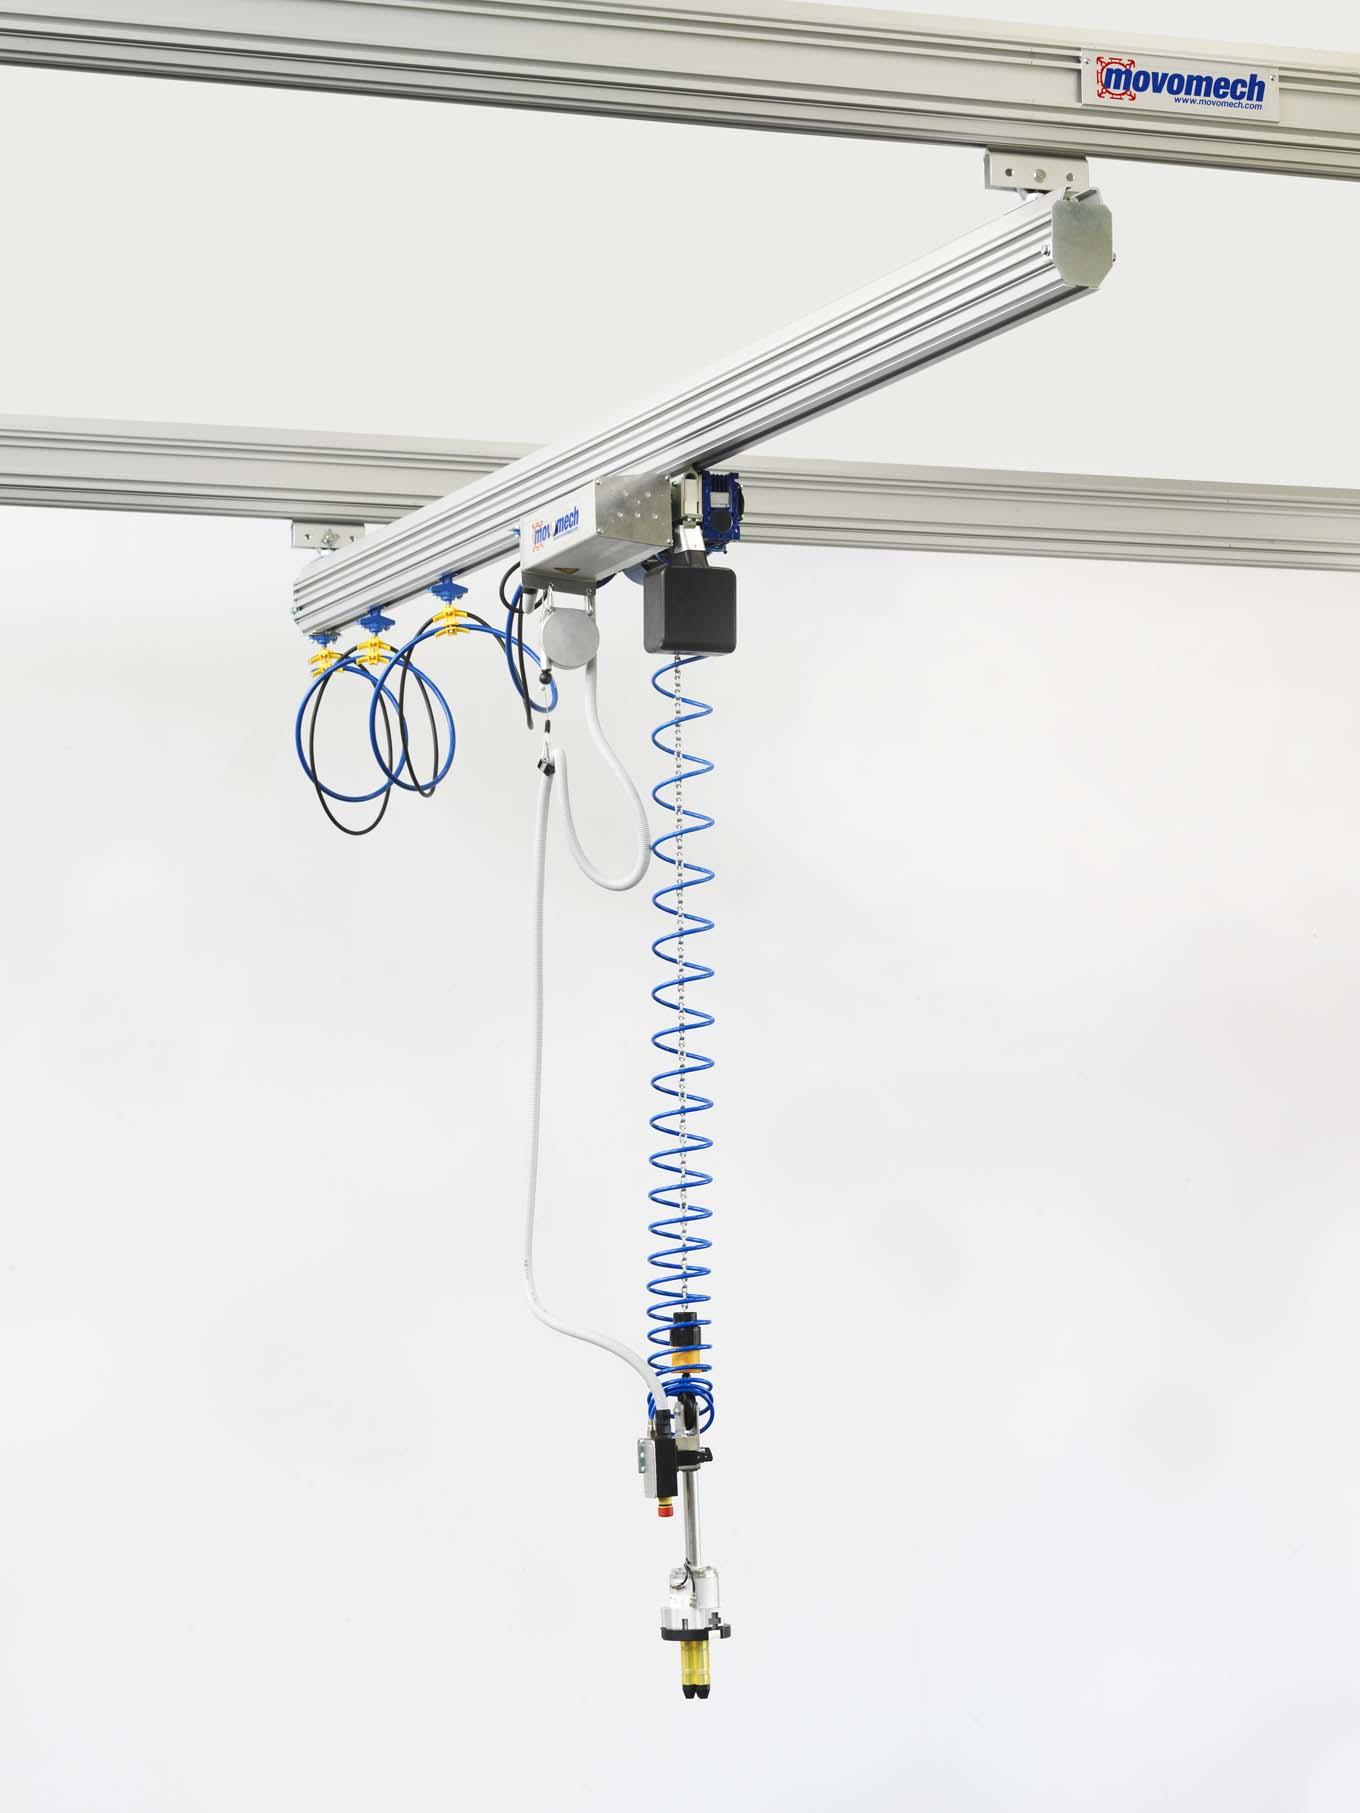 Mechrail Lightweight Aluminium Crane Systems Materials